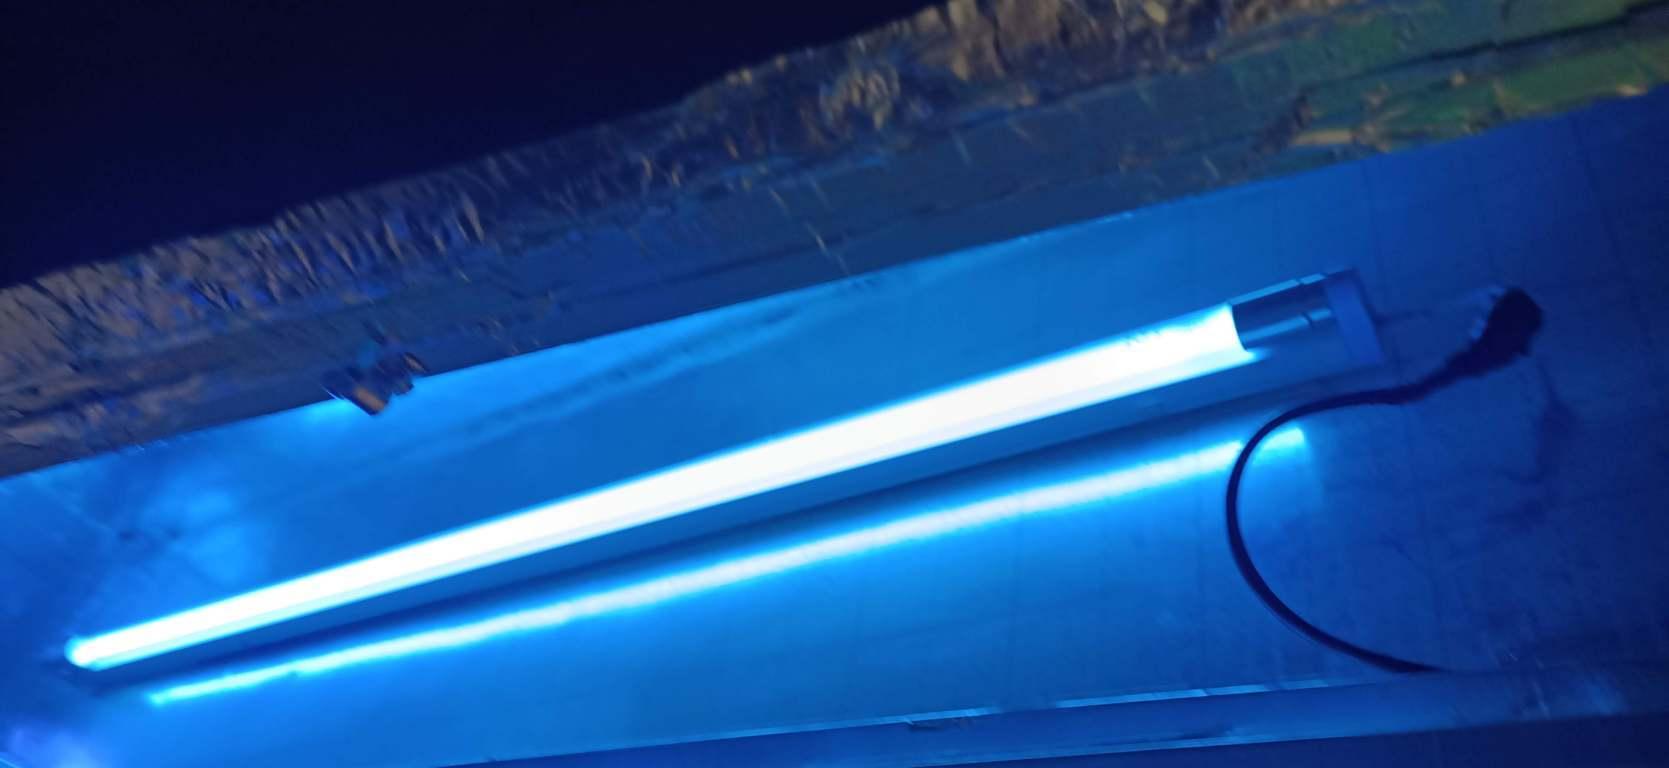 lampara germicida en interior aire acondicionado para covid 19 (FILEminimizer)